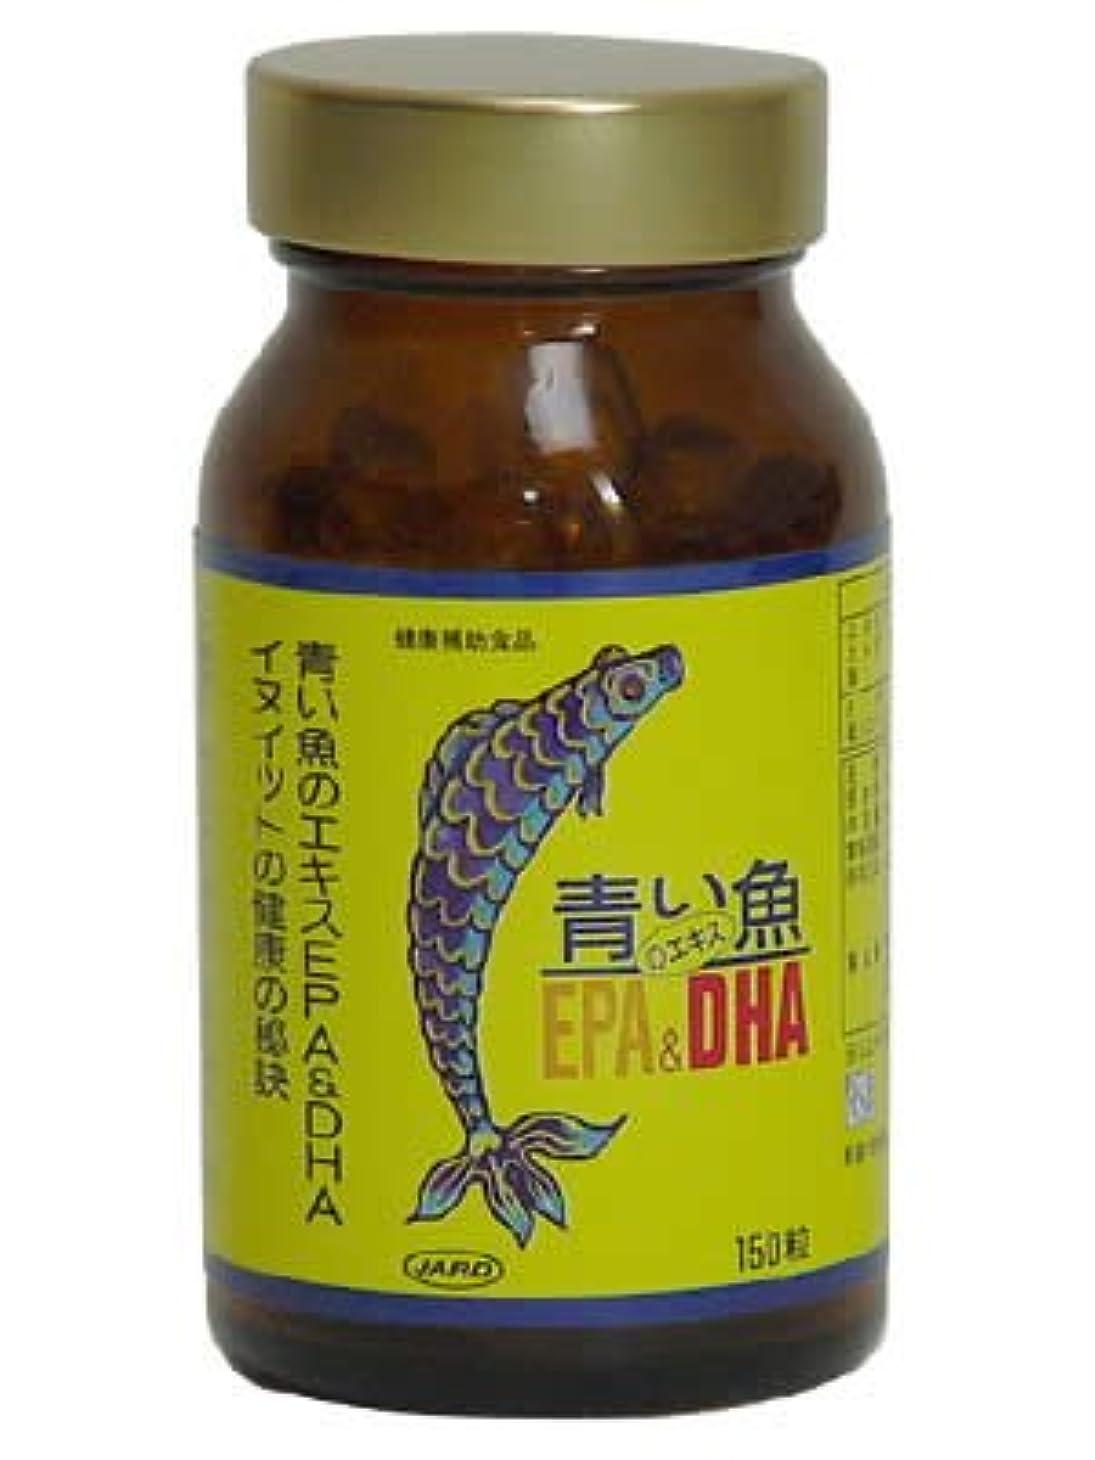 不確実チーター進化青い魚のエキスEPA&DHA【3本セット】ジャード